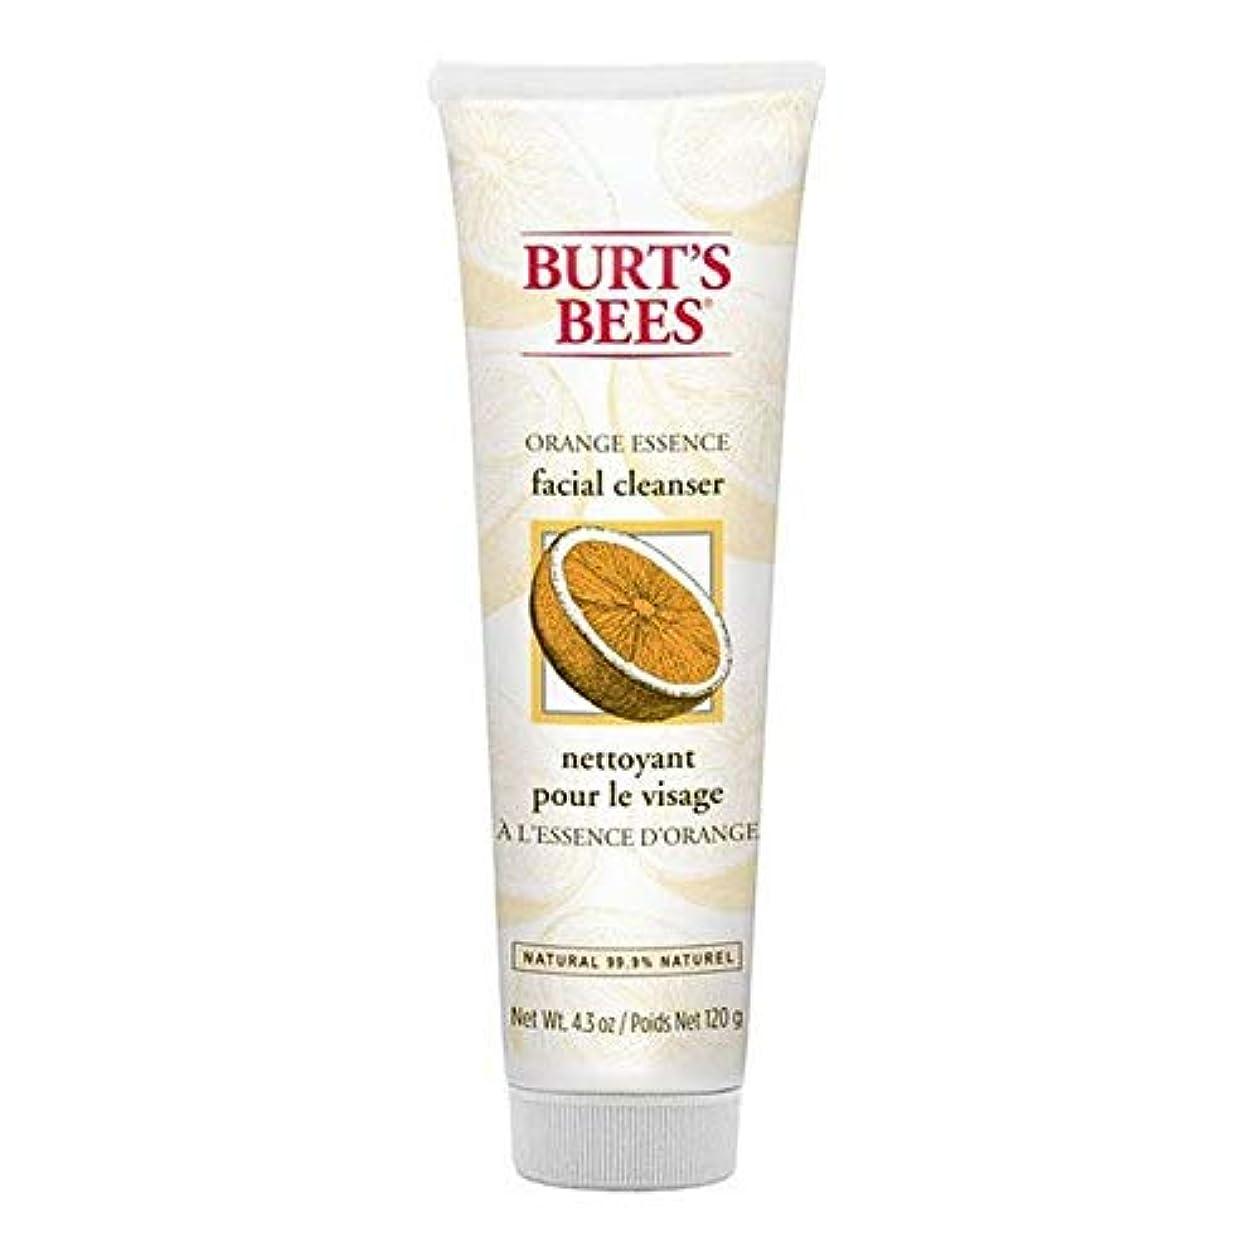 損なうコロニー動[Burt's Bees ] バーツビーオレンジエッセンス洗顔料の120グラム - Burt's Bees Orange Essence Facial Cleanser 120g [並行輸入品]